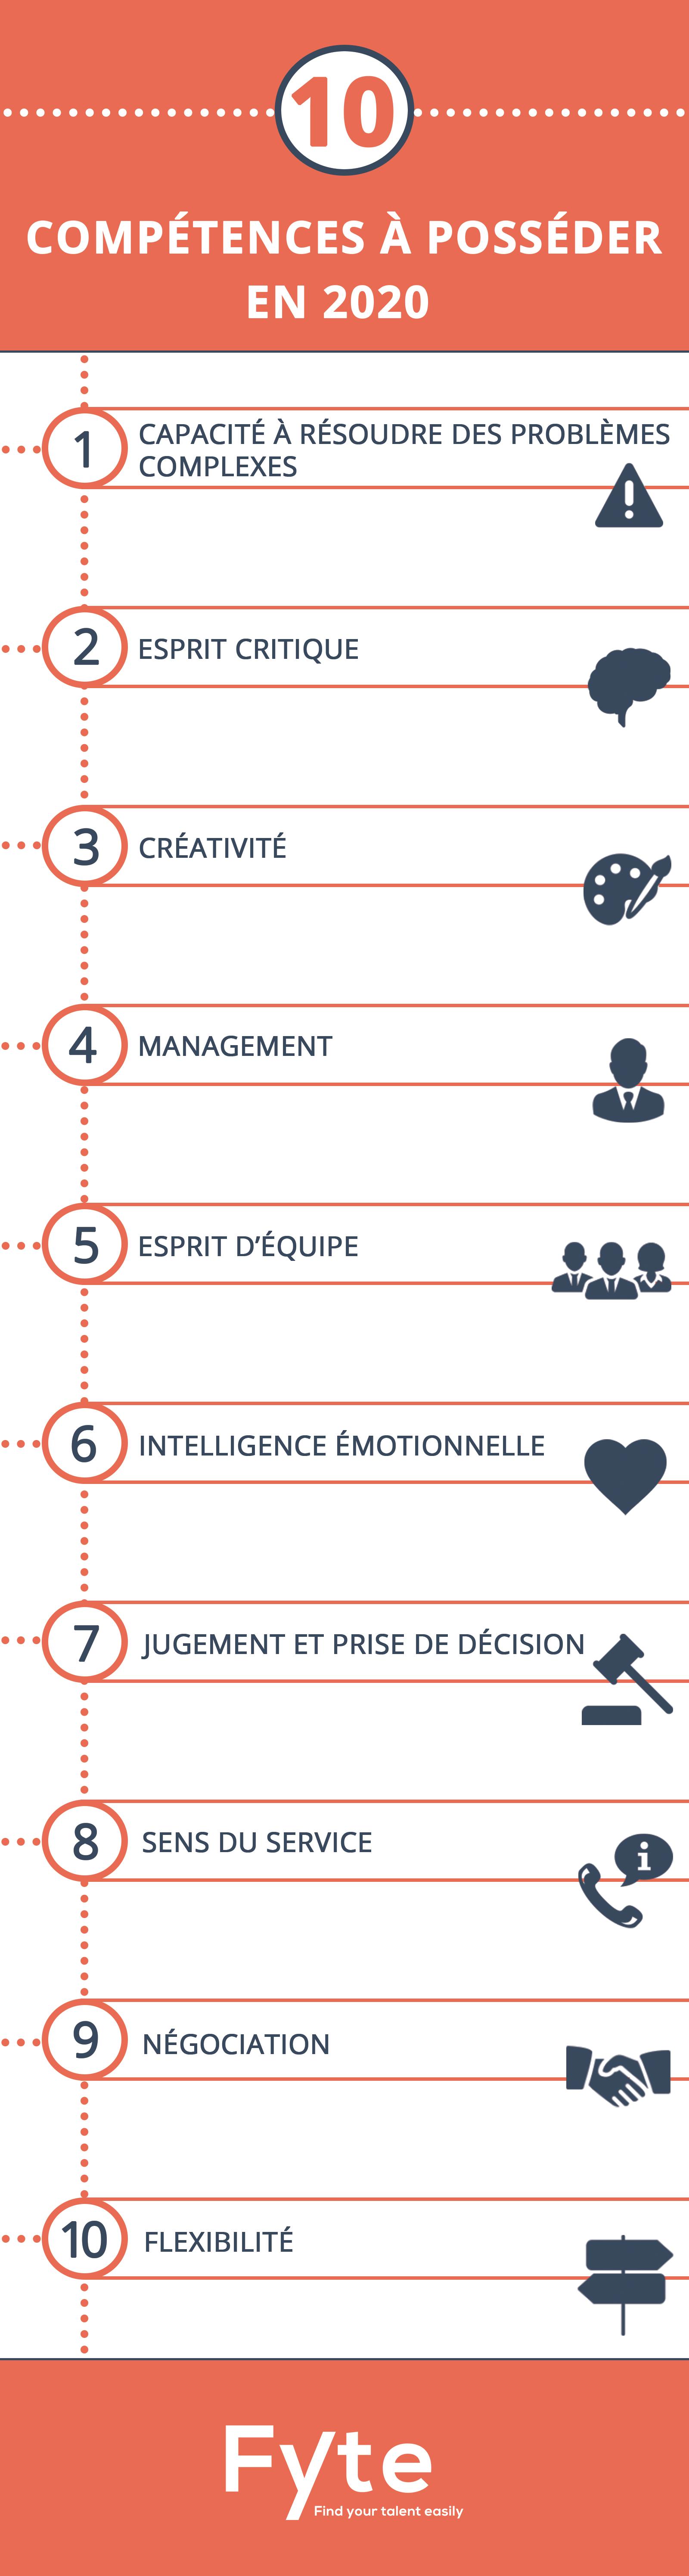 Infographie - 10 compétences à posséder en 2020